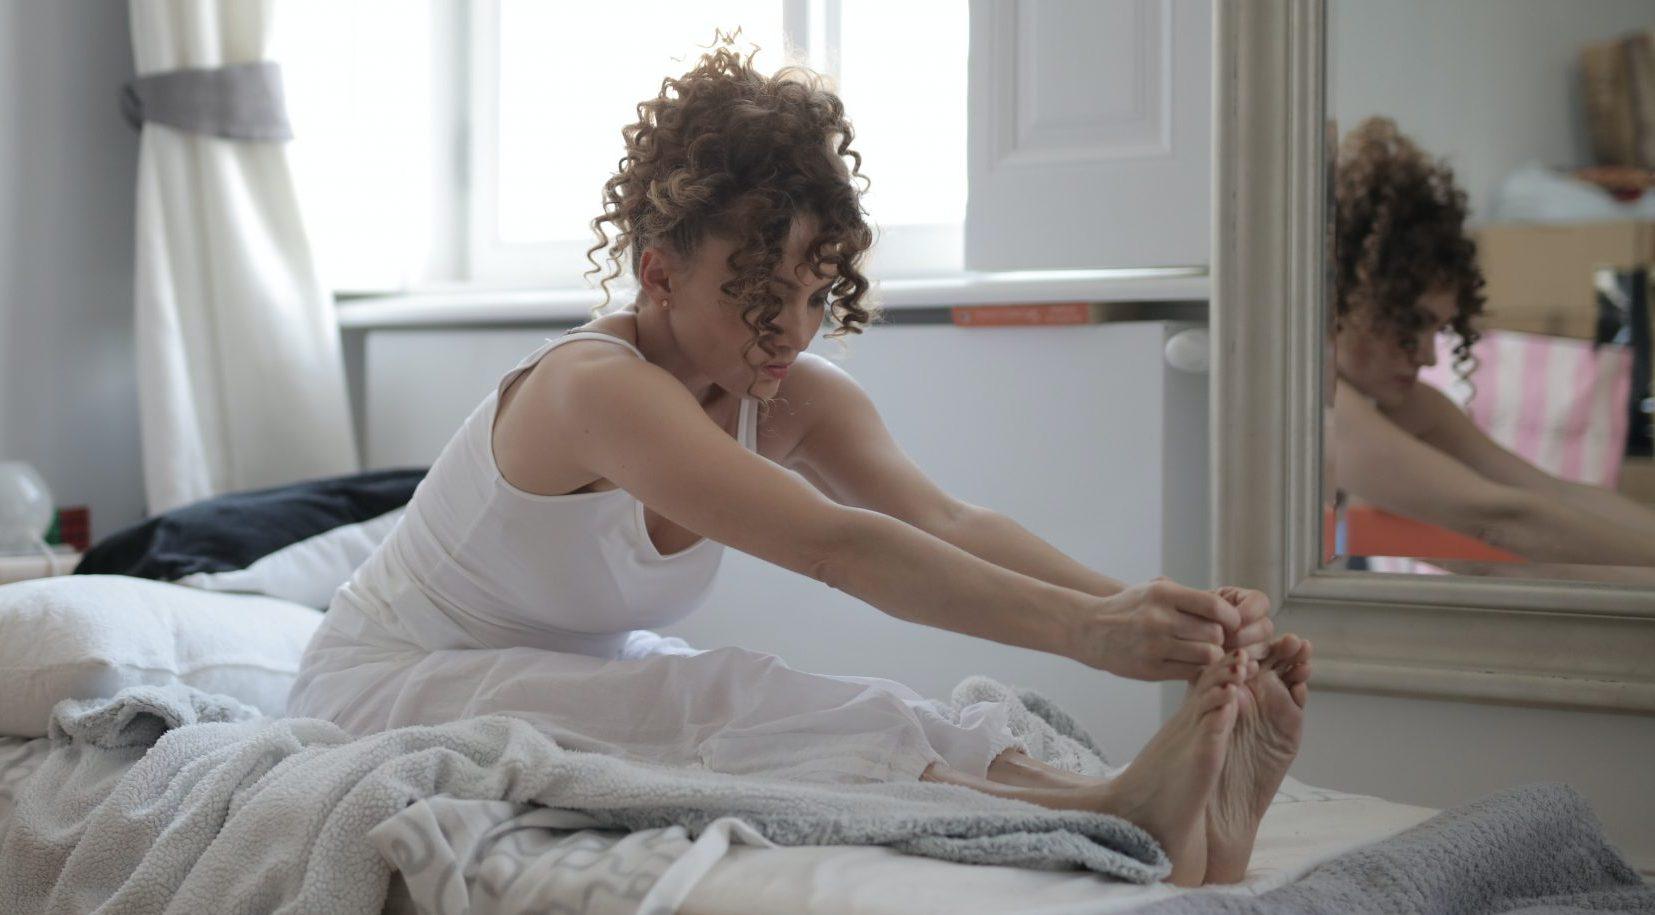 4 ασκήσεις που θα αυξήσουν τη σεξουαλική σου αντοχή Ανακαλύψαμε τα σημεία στο σώμα που χρειάζεται να δυναμώσεις για να πετύχεις την βέλτιστη σεξουαλική σου επίδοση.